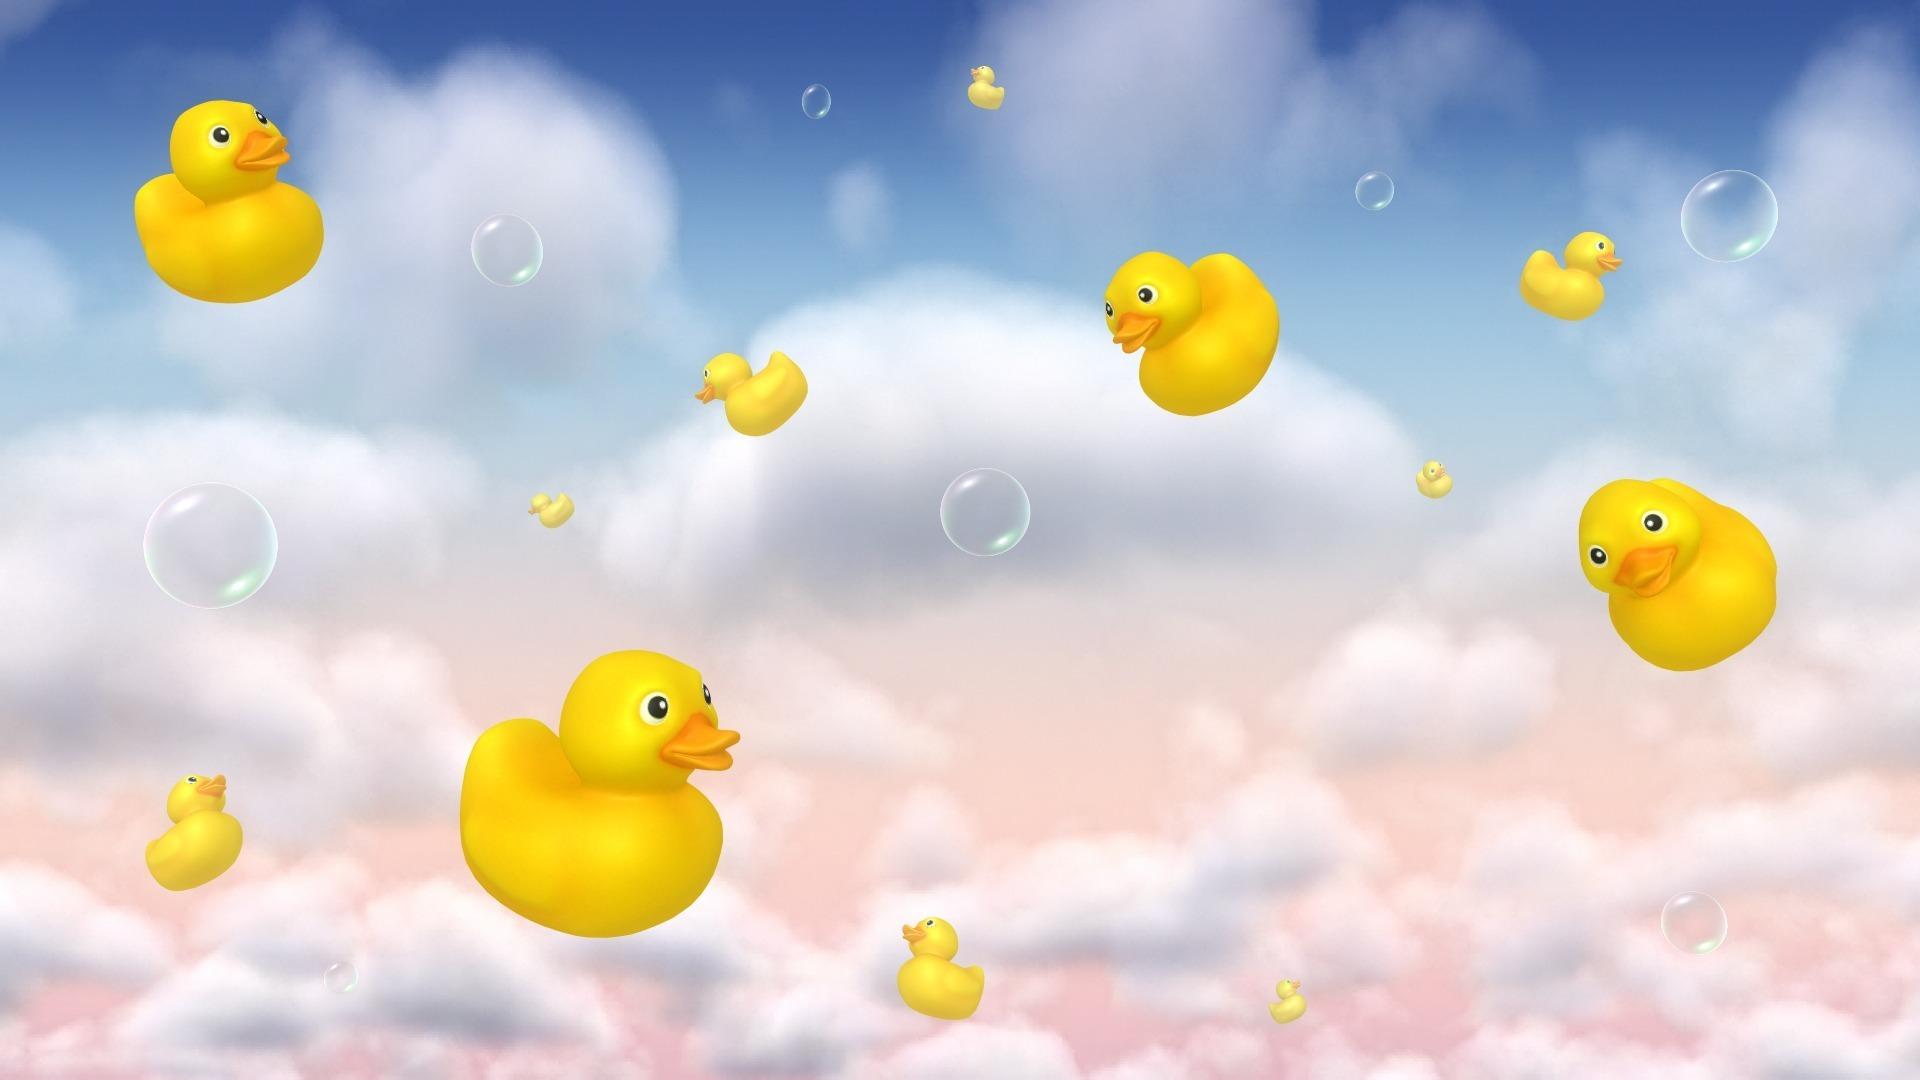 duck background